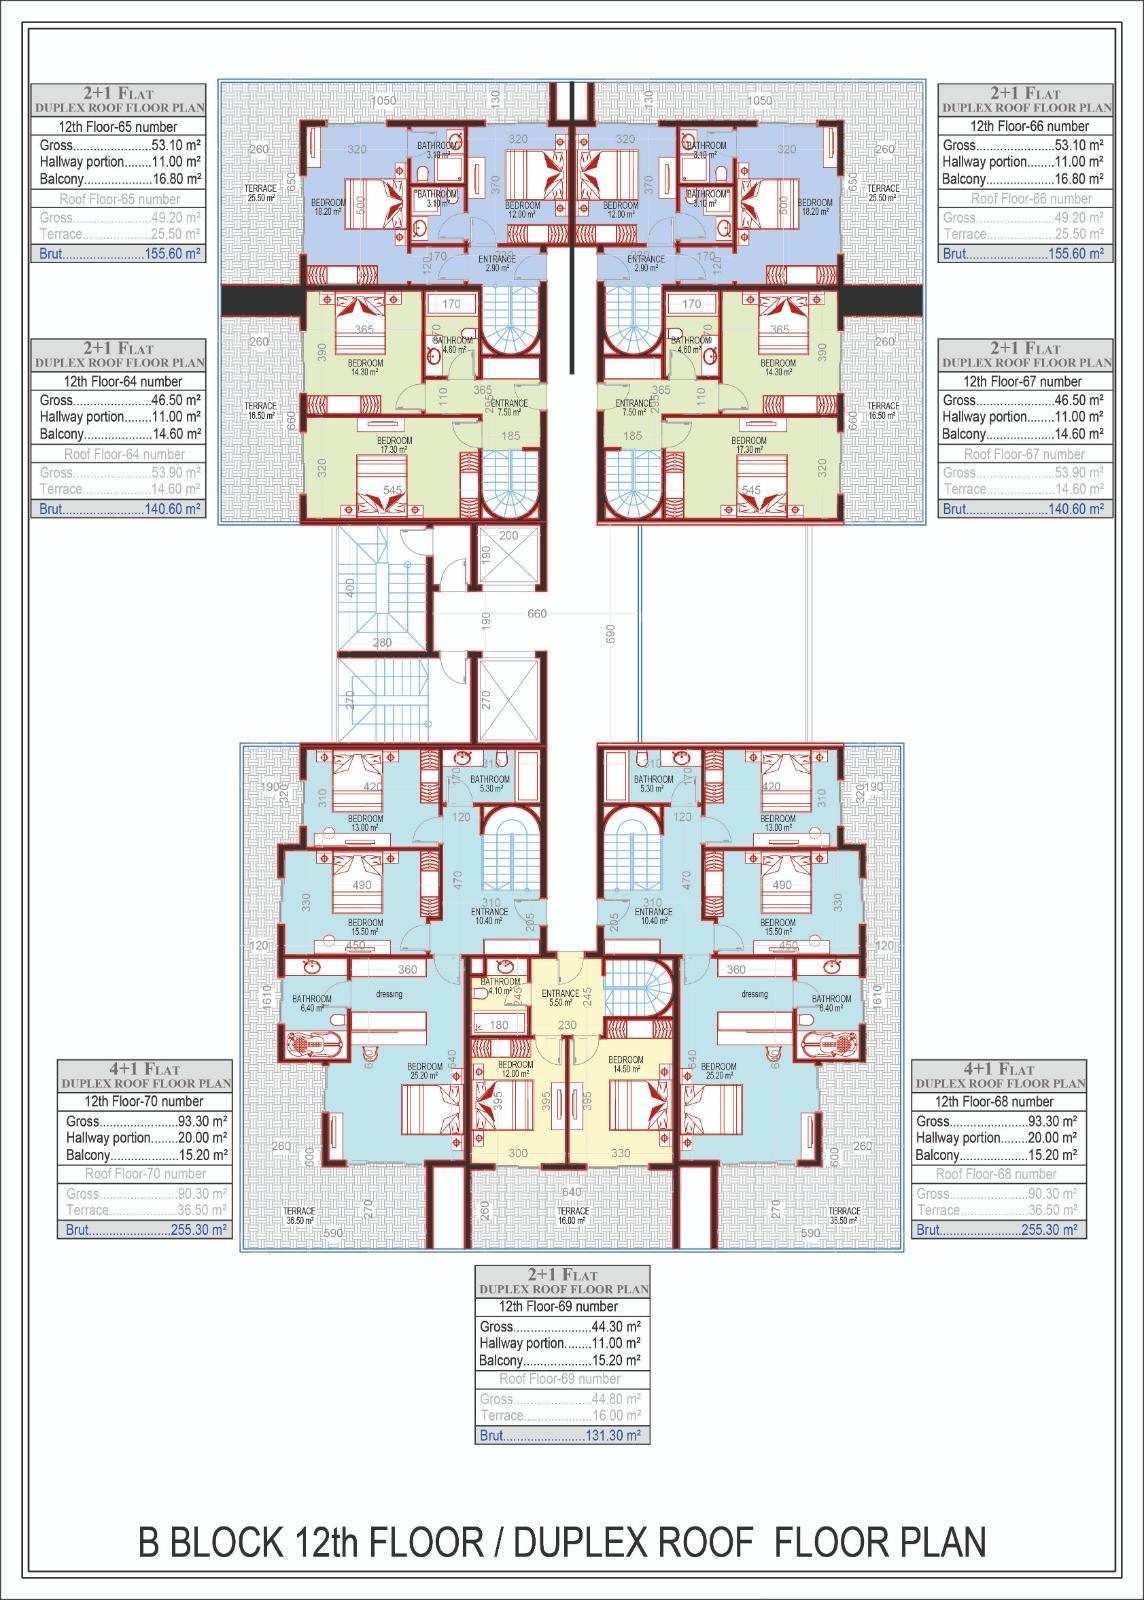 Block B - Duplex roof floor plan